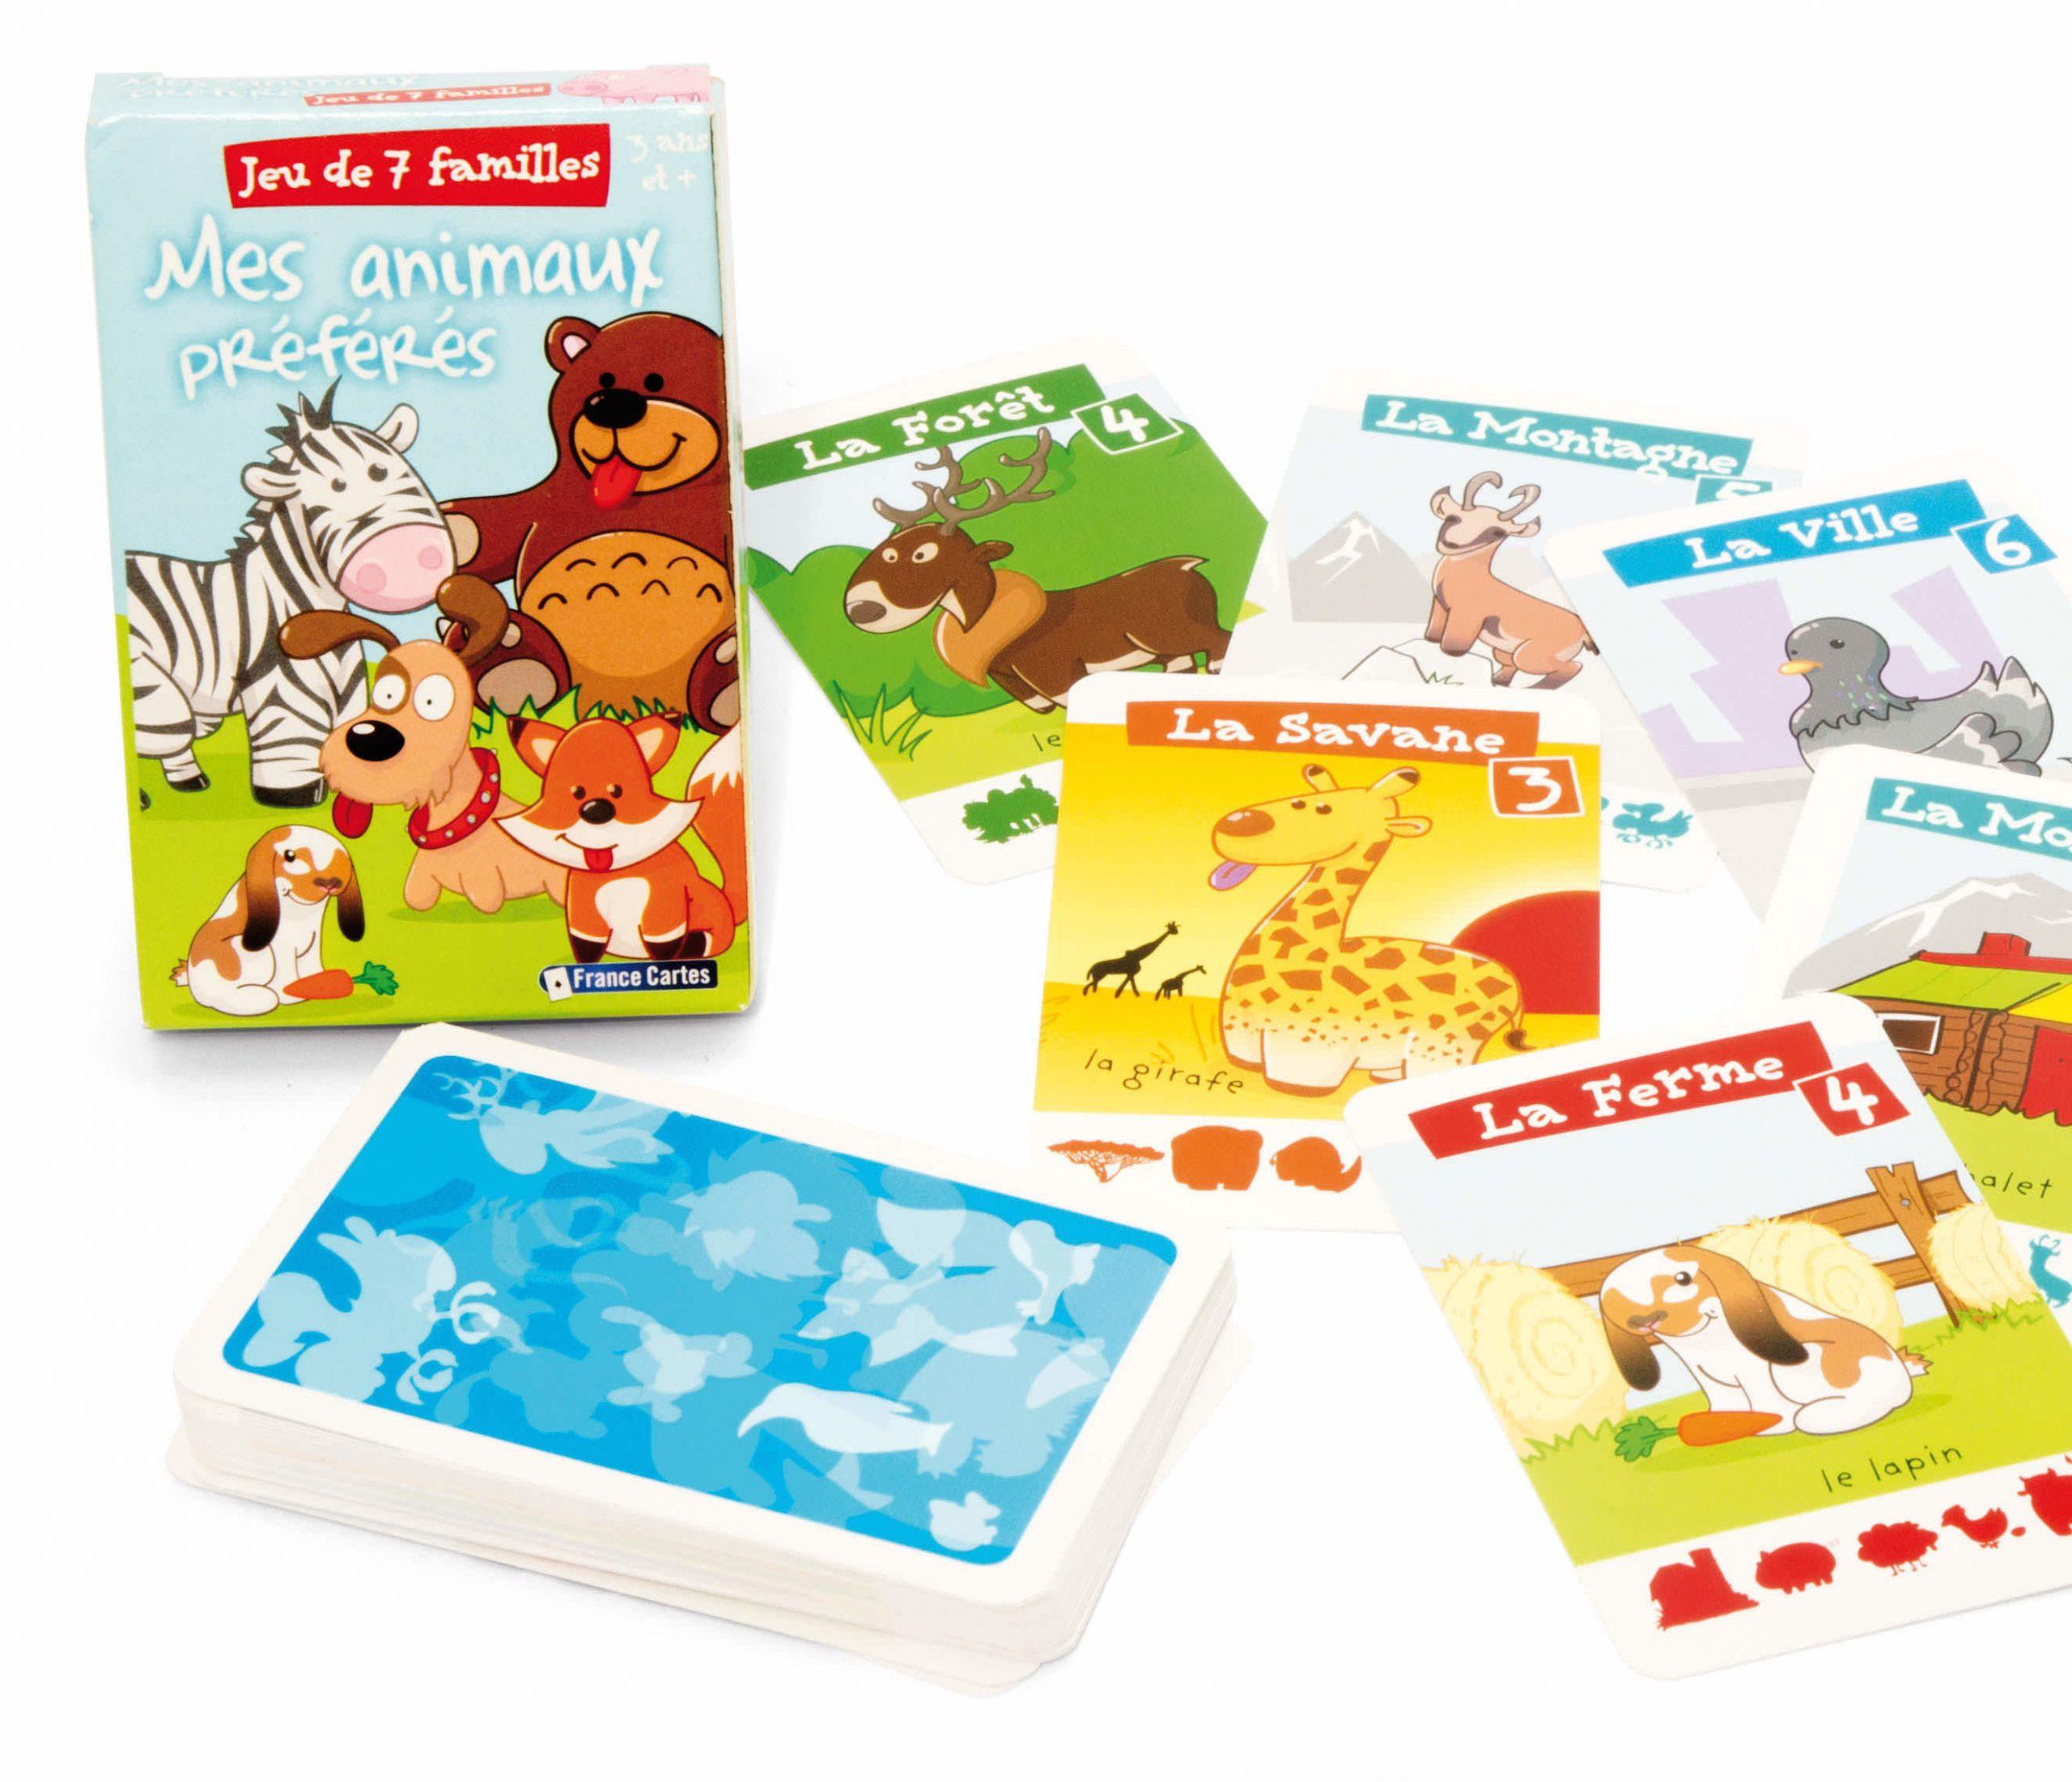 7 Jeux De Cartes Indispensables Pour Les 3 À 5 Ans concernant Jeux Gratuits Pour Bebe De 3 Ans